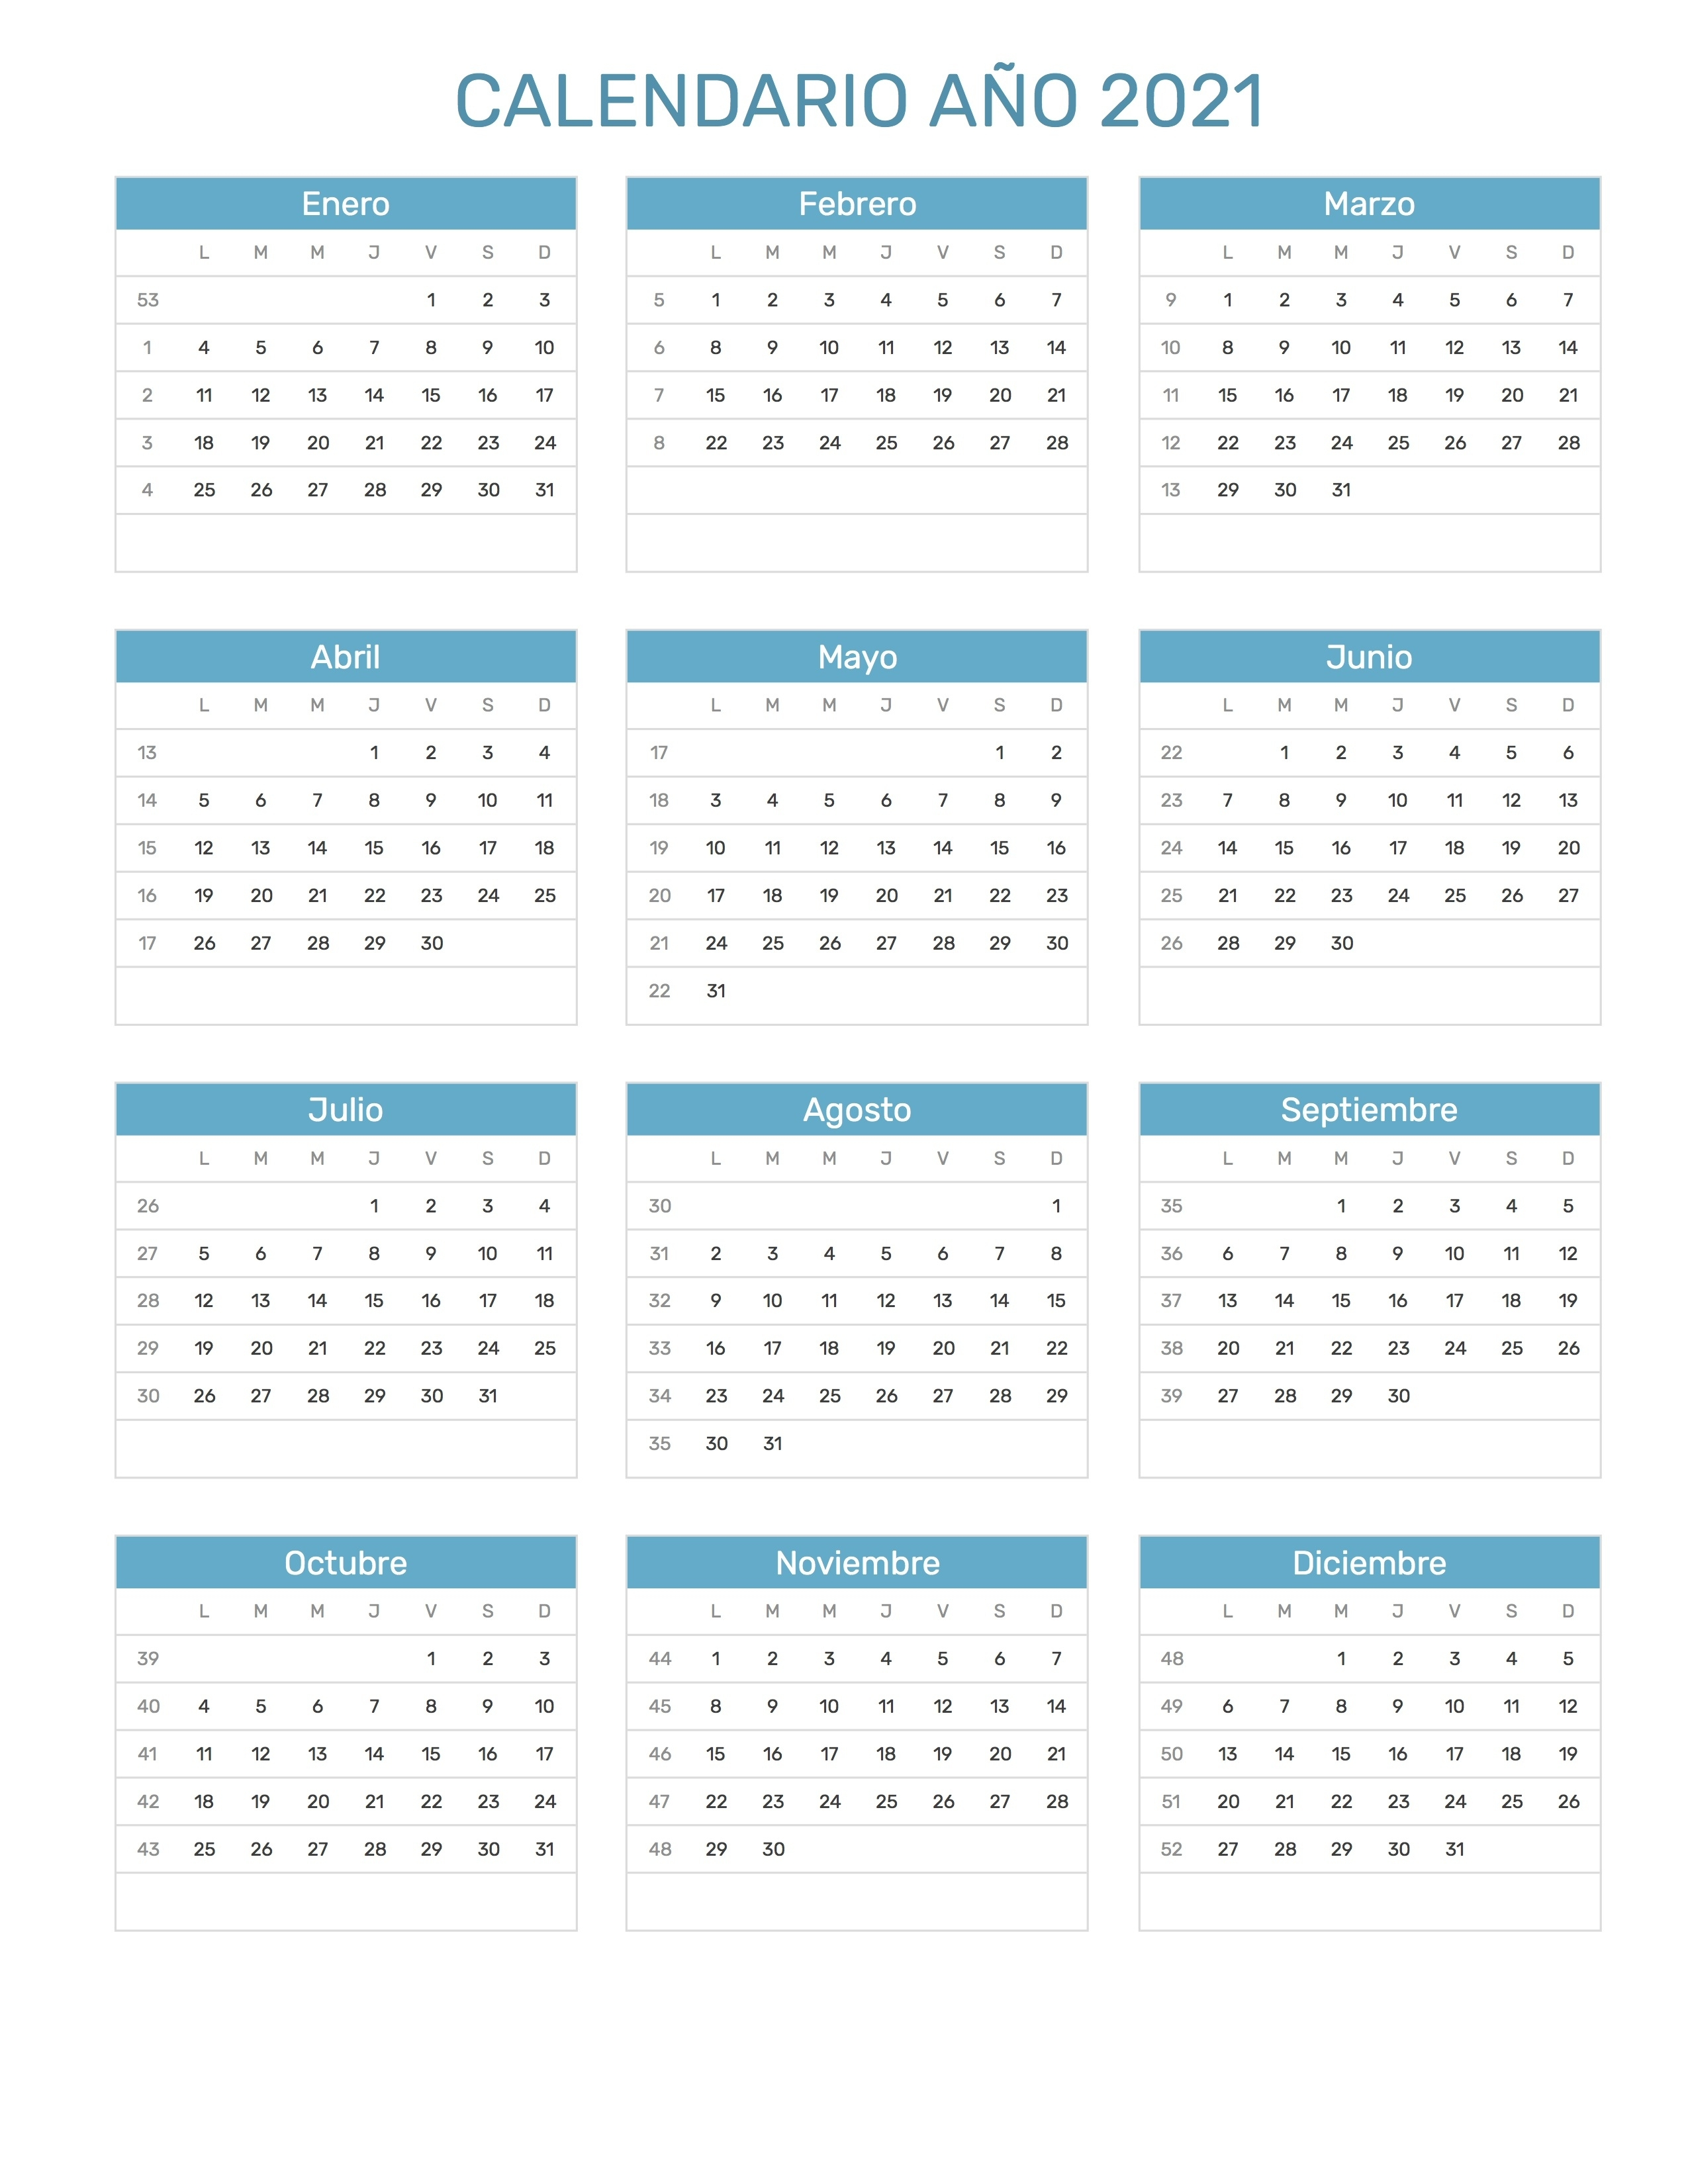 Calendario Año 2021 Calendario 2021 Con Semanas